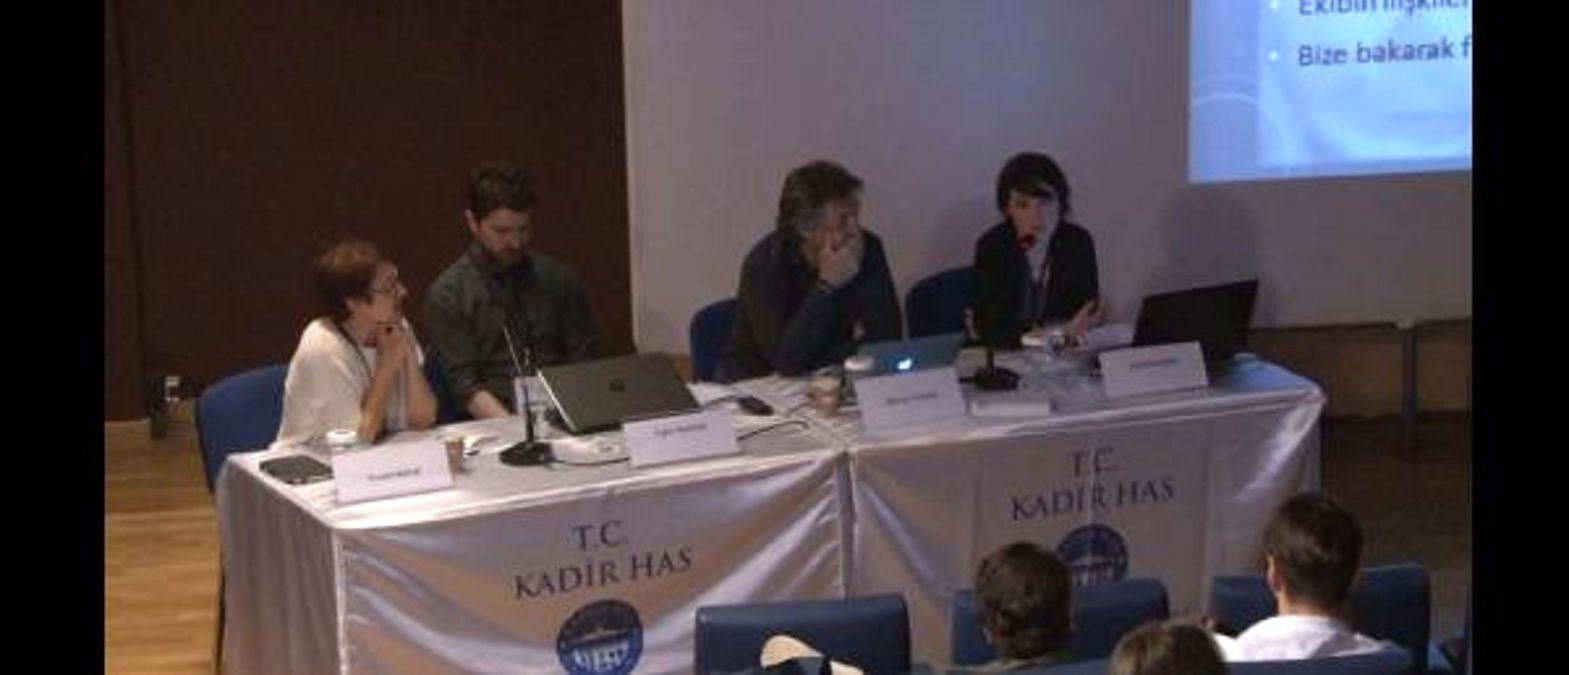 Türk Film Araştırmalarında Yeni Yönelimler Bu Yıl Sinemayı Ele Aldı